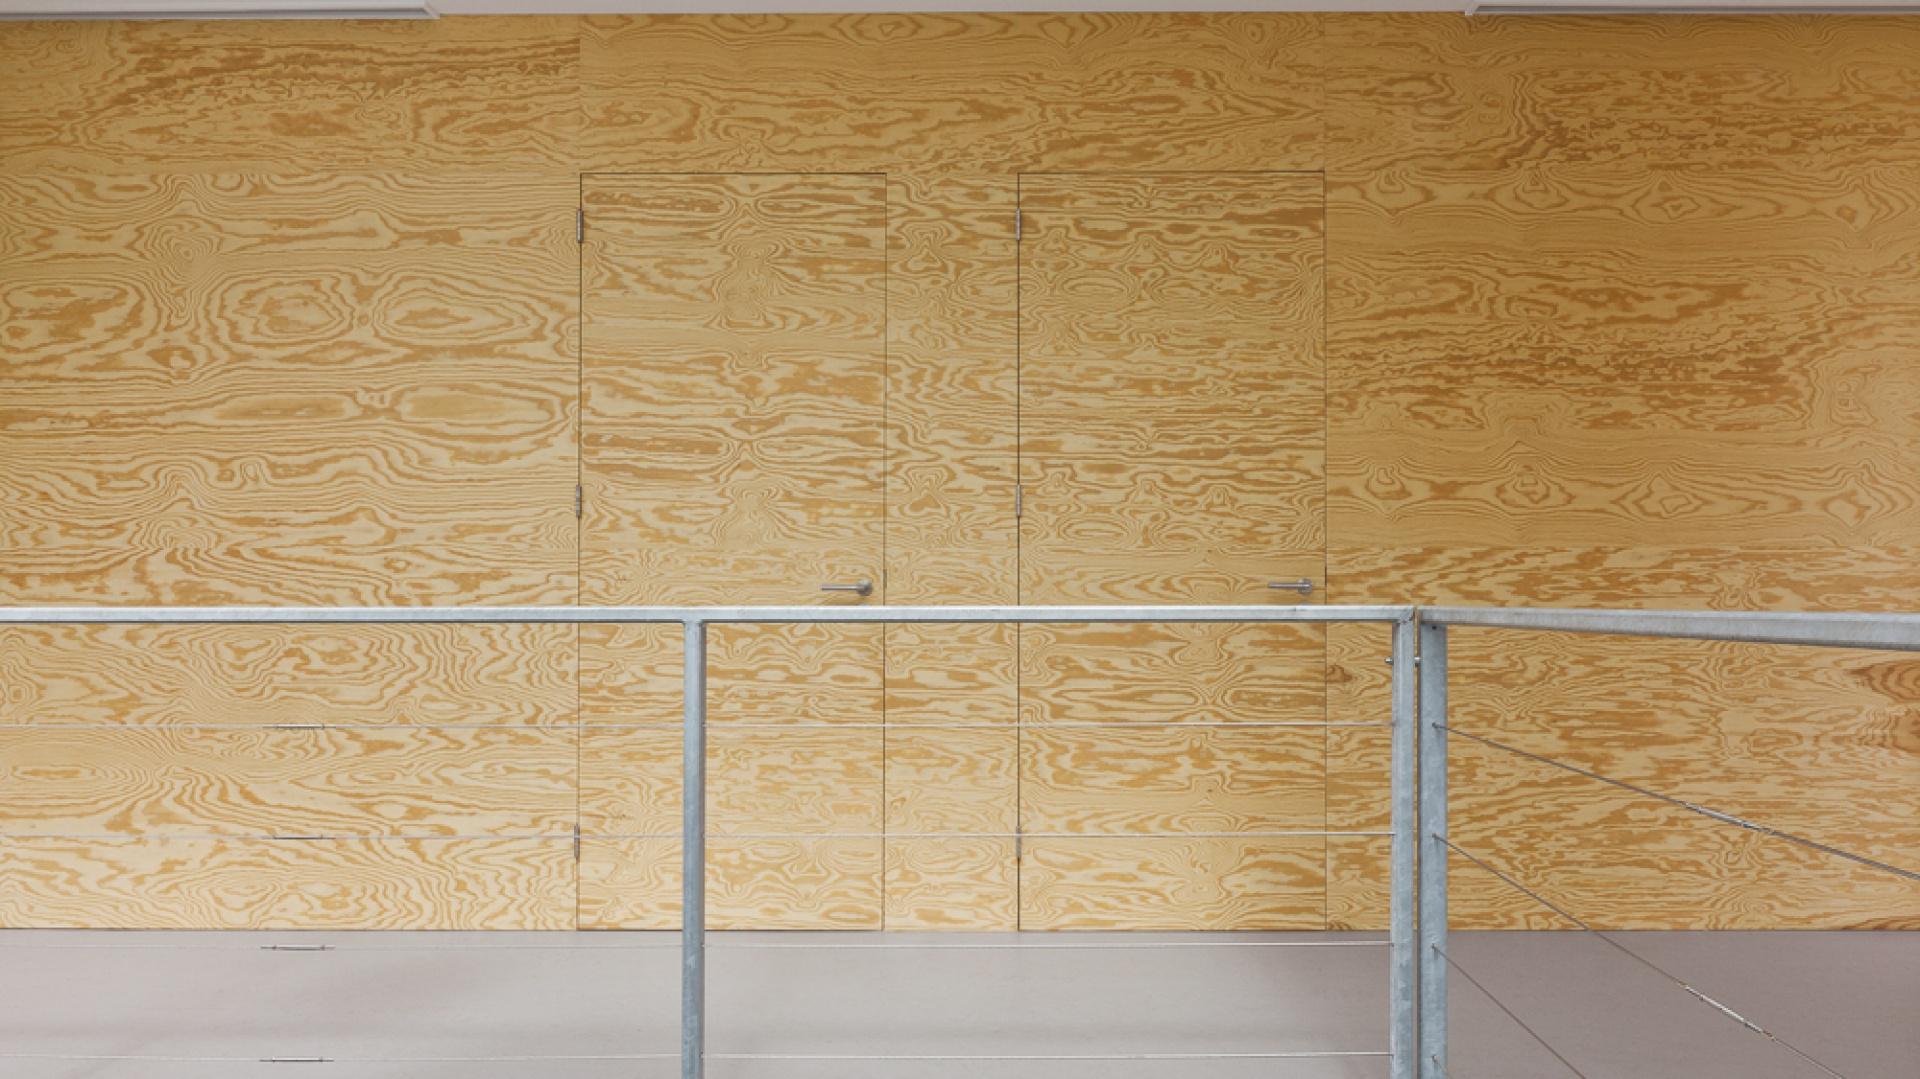 Zagadka dla spostrzegawczych: gdzie schowały się drzwi? Jednolitą powierzchnię przedpokoju na piętrze stworzono dzięki wykonaniu ścian i drzwi wejściowych do poszczególnych pomieszczeń z takich samych paneli drewnianych. Projekt: i29 interior architects. Fot. i29 interior architects.